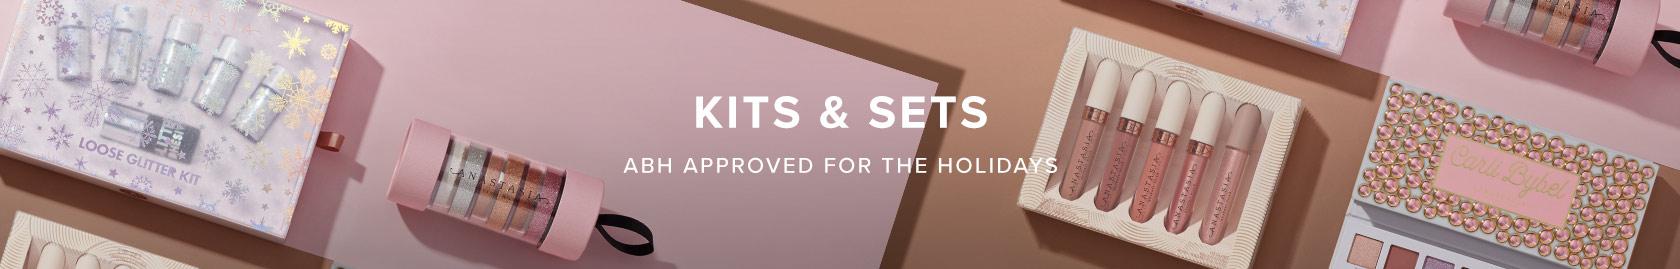 Holiday Kits & Sets